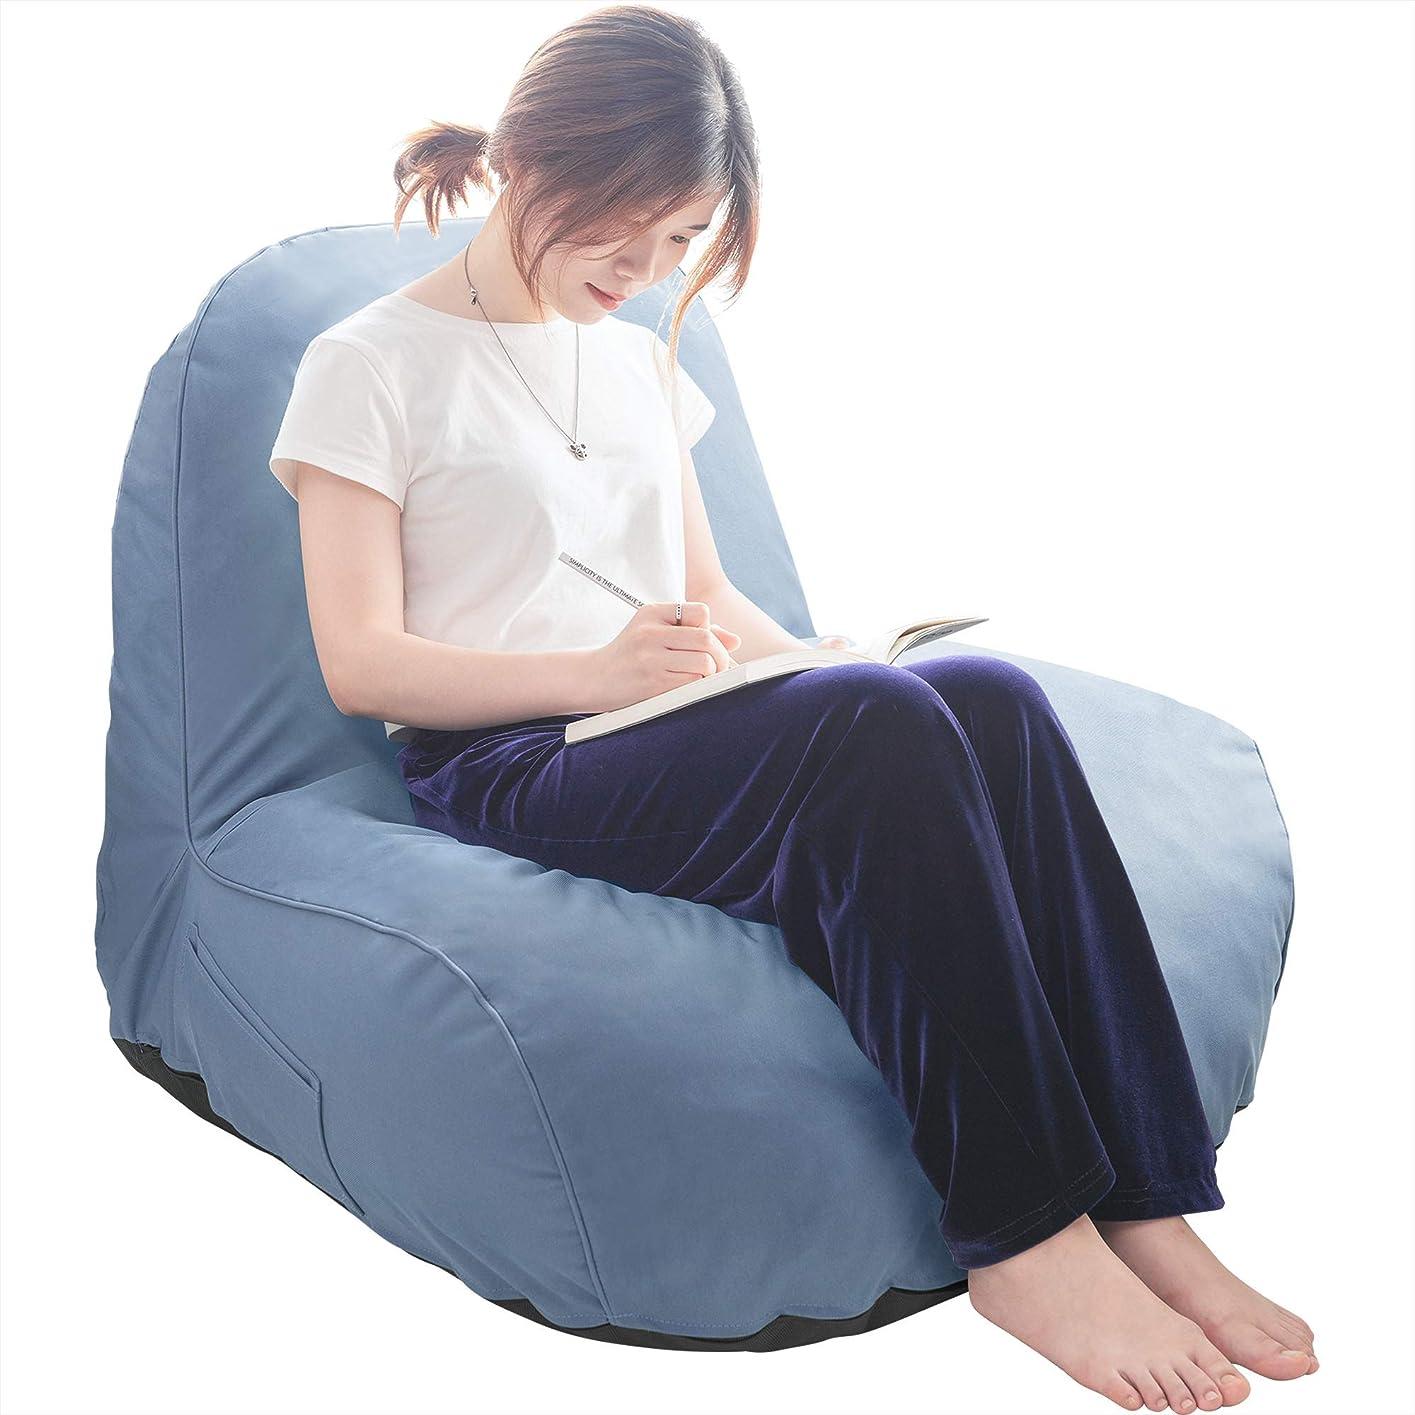 静める天使部分的iOCHOW 座椅子 ソファー ローソファー 1人掛け カバー取り外し洗濯可能 おしゃれ 新生活